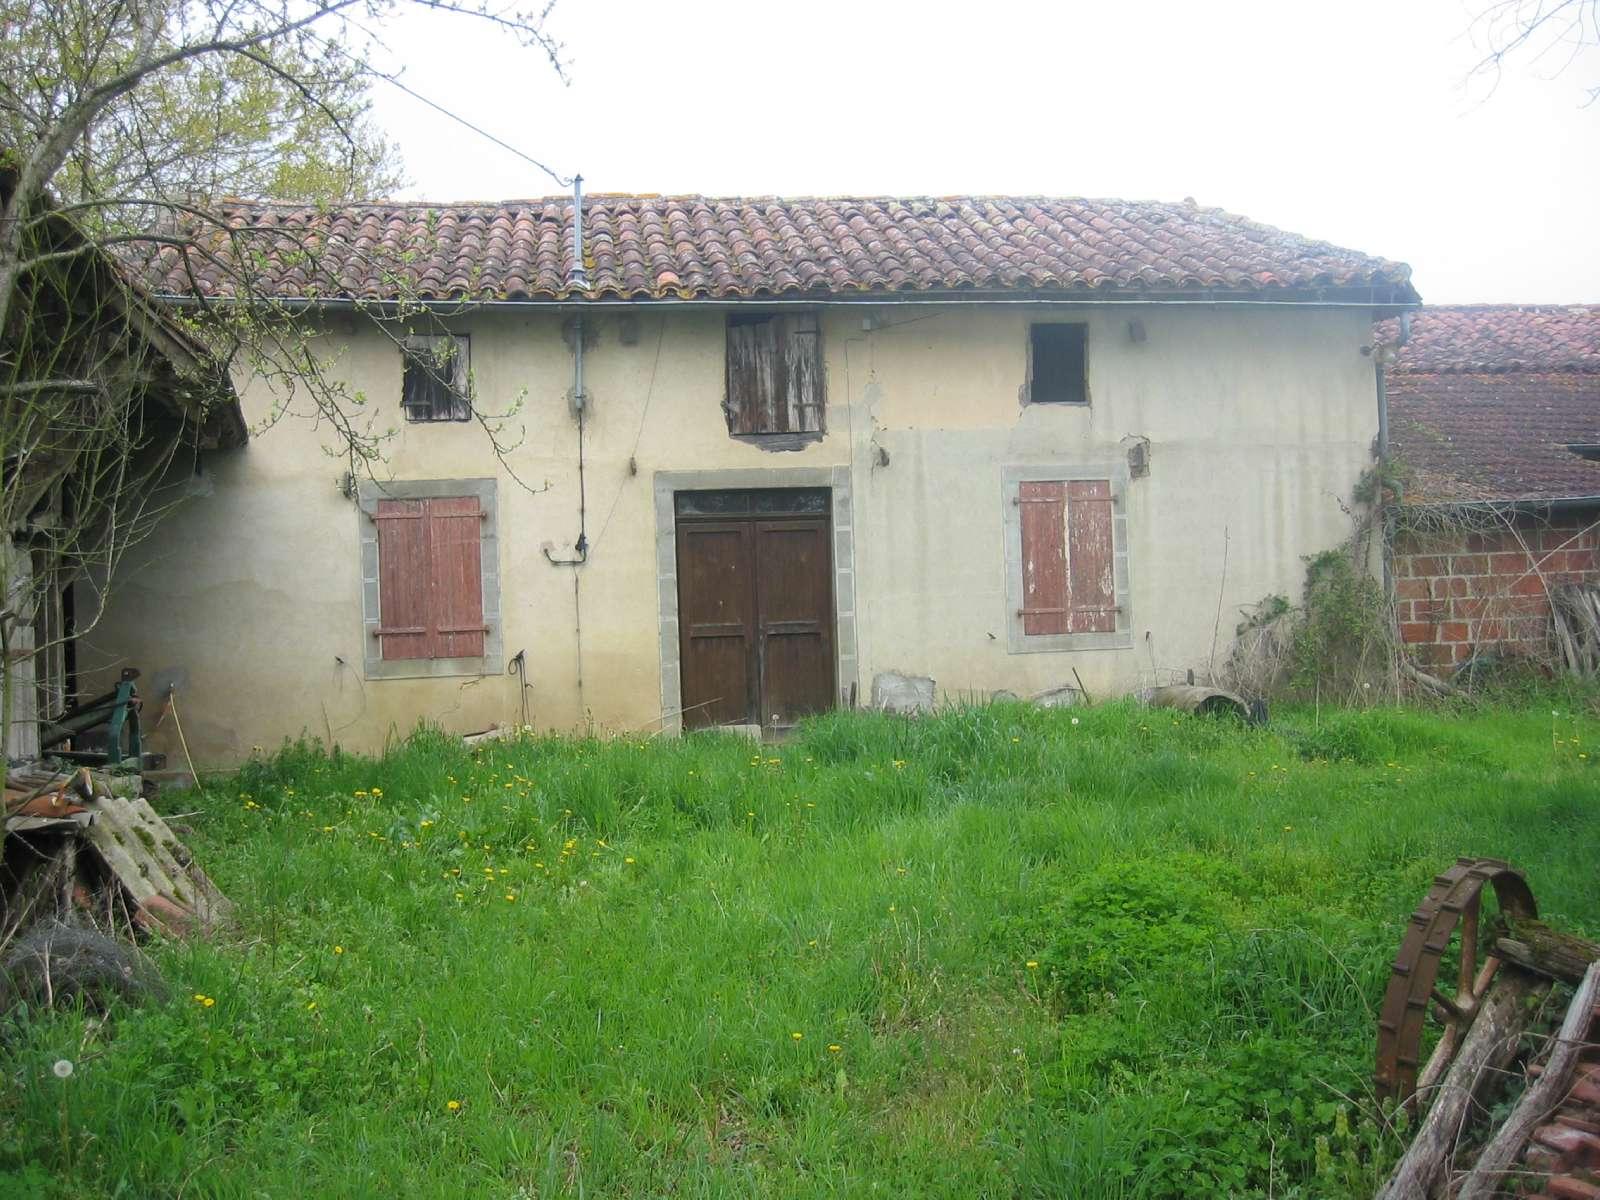 Vente maison ancienne renovee termes d 39 armagnac 32400 for Valeur maison ancienne